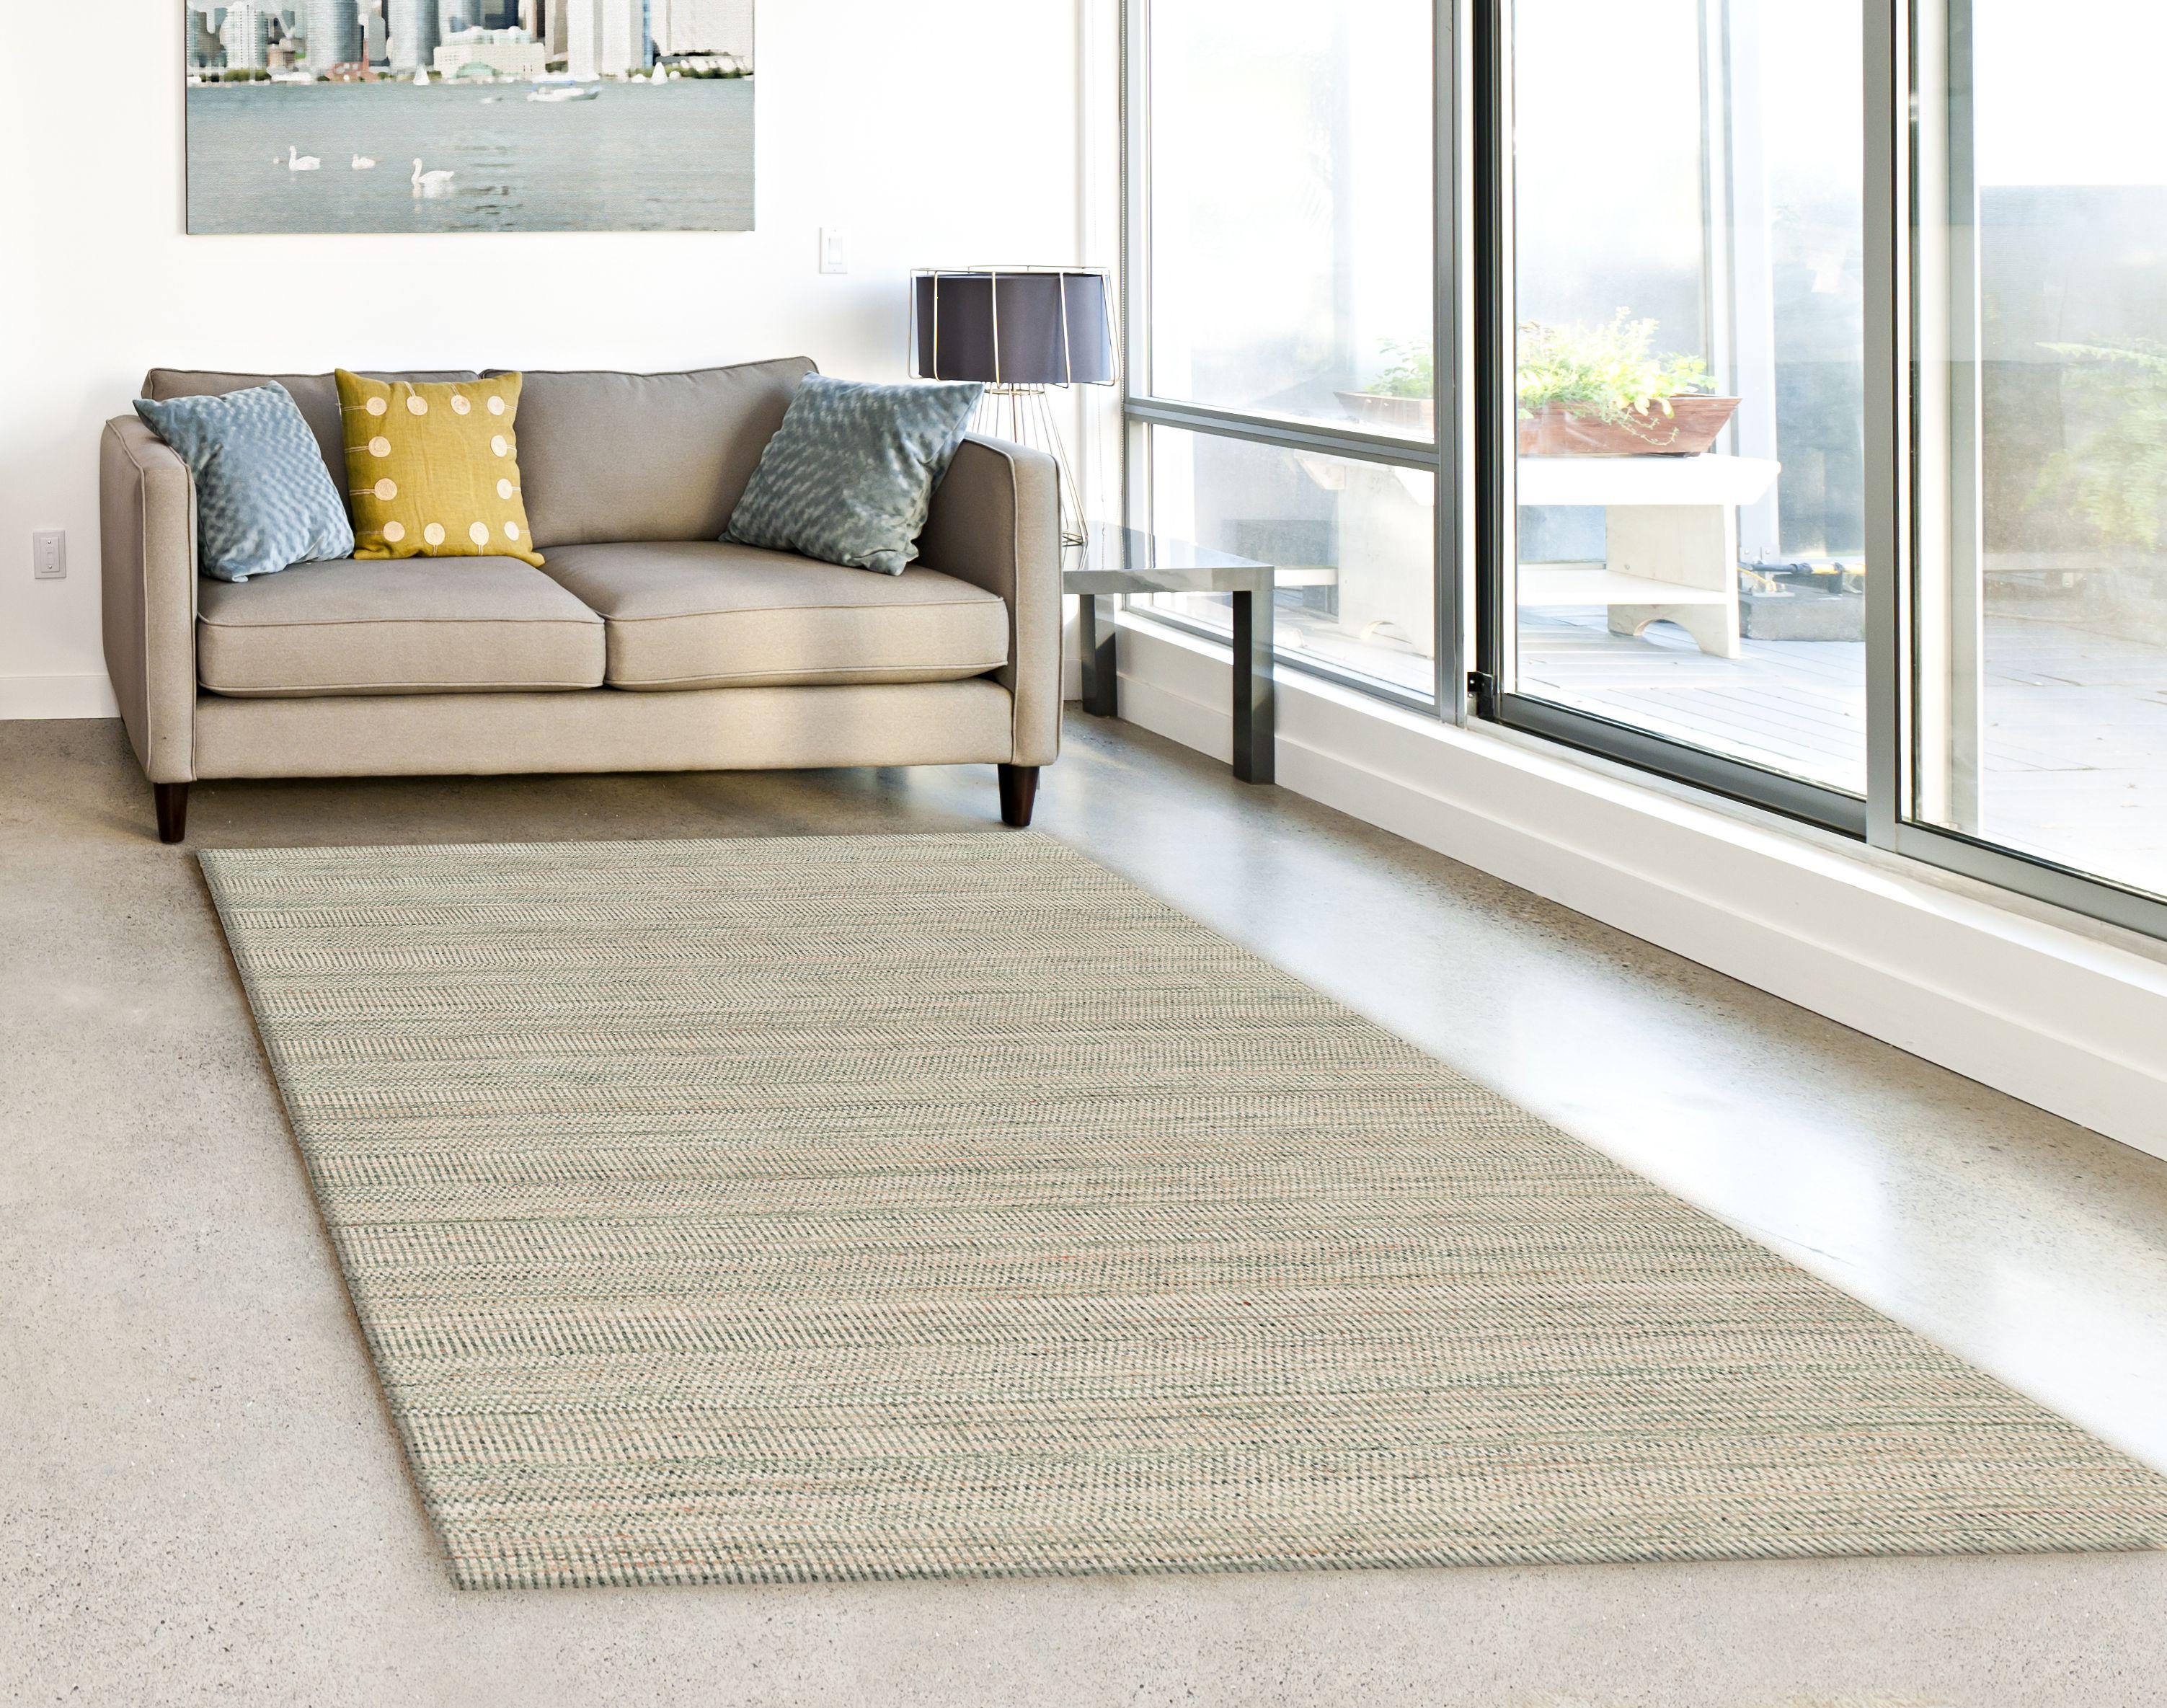 Alleanza Collection 200 Cream Grey Carpet Living Room Living Room Carpet Beige Carpet Living Room